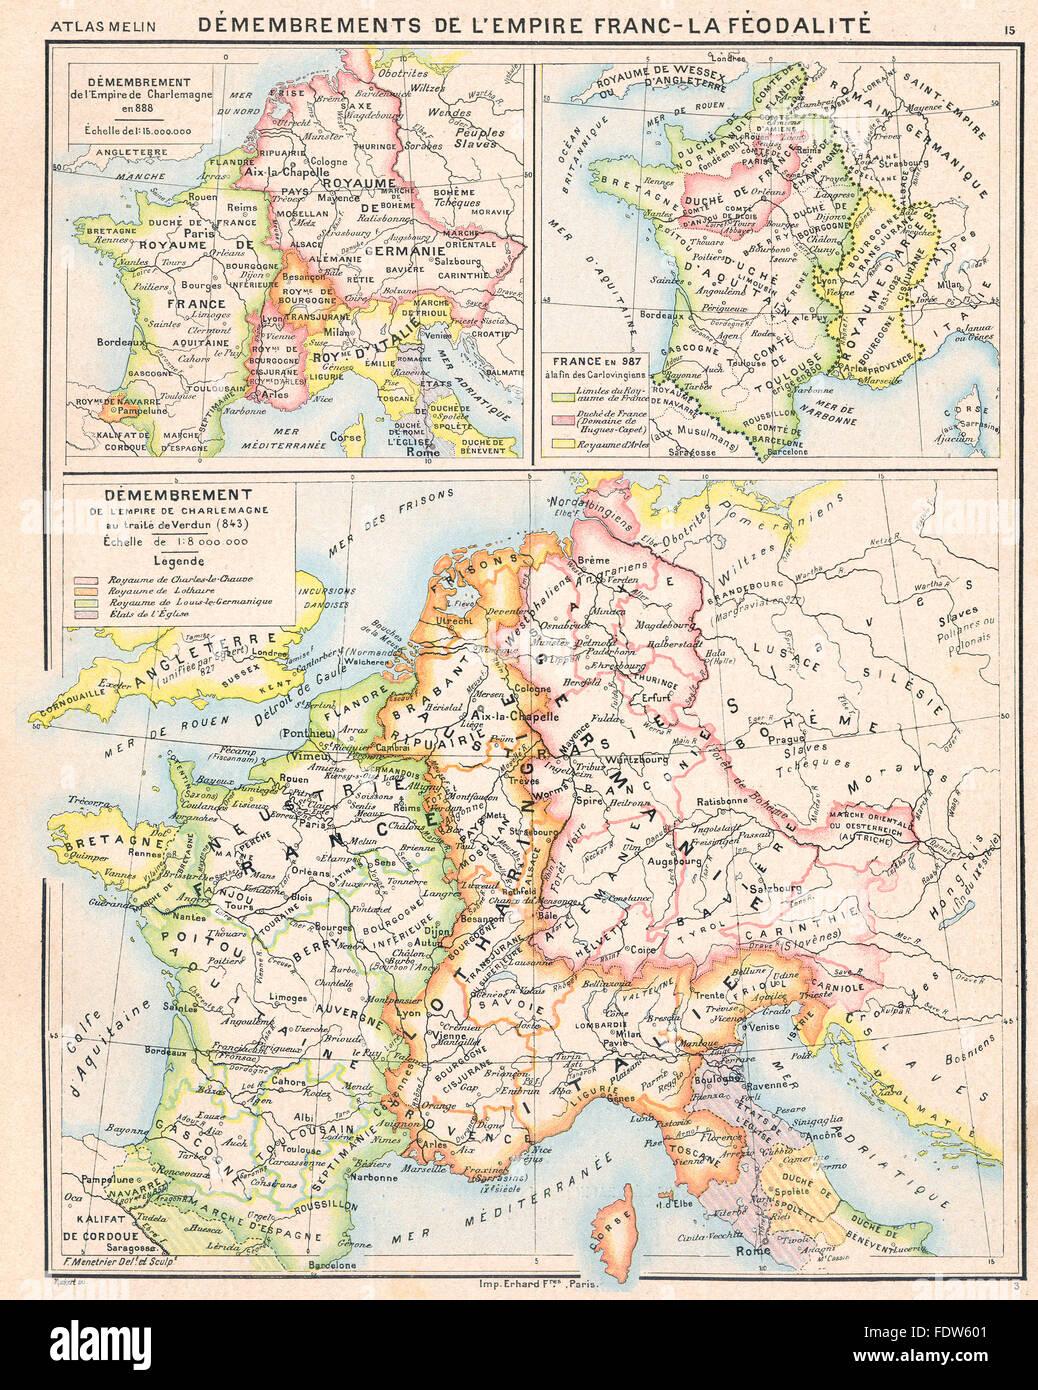 EUROPE: Démembrement de l'empire Charlemagne;Inset France en 888, 987, 1900 map - Stock Image